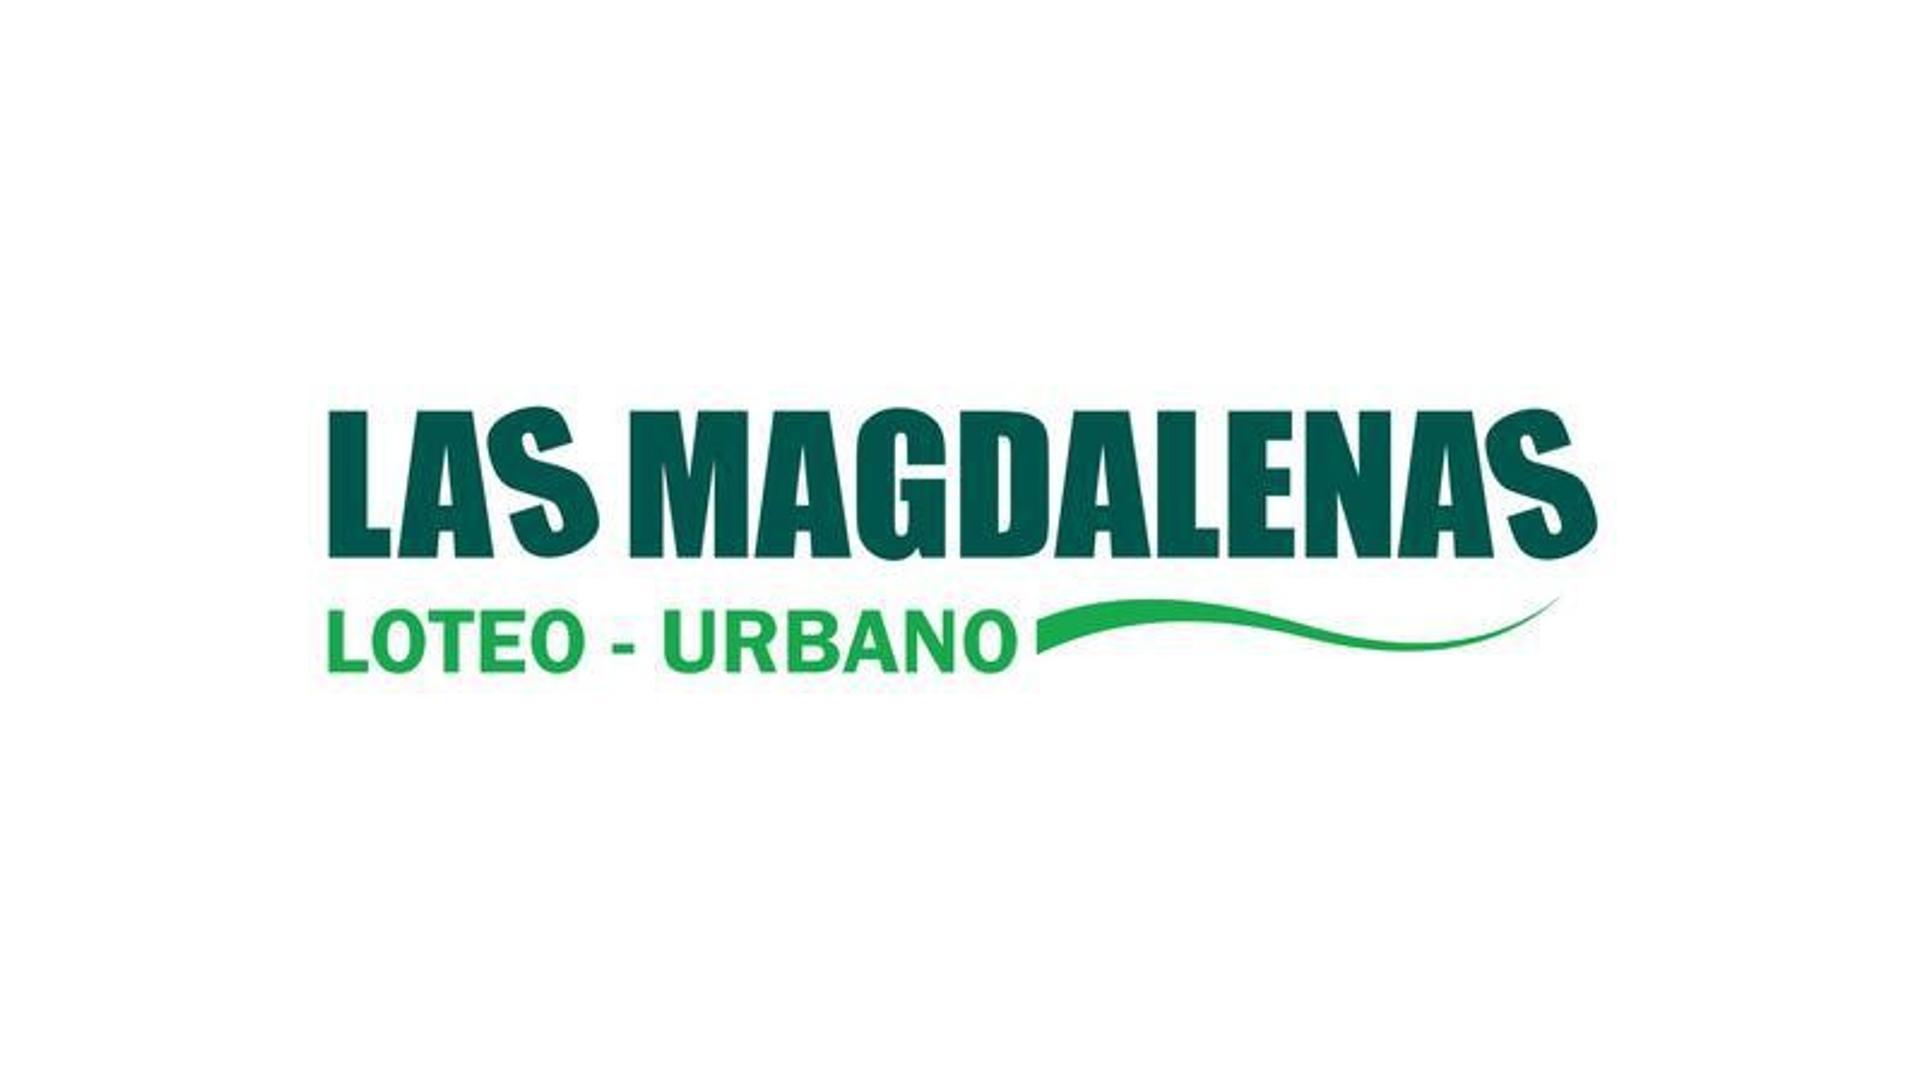 Terreno - Las Magdalenas